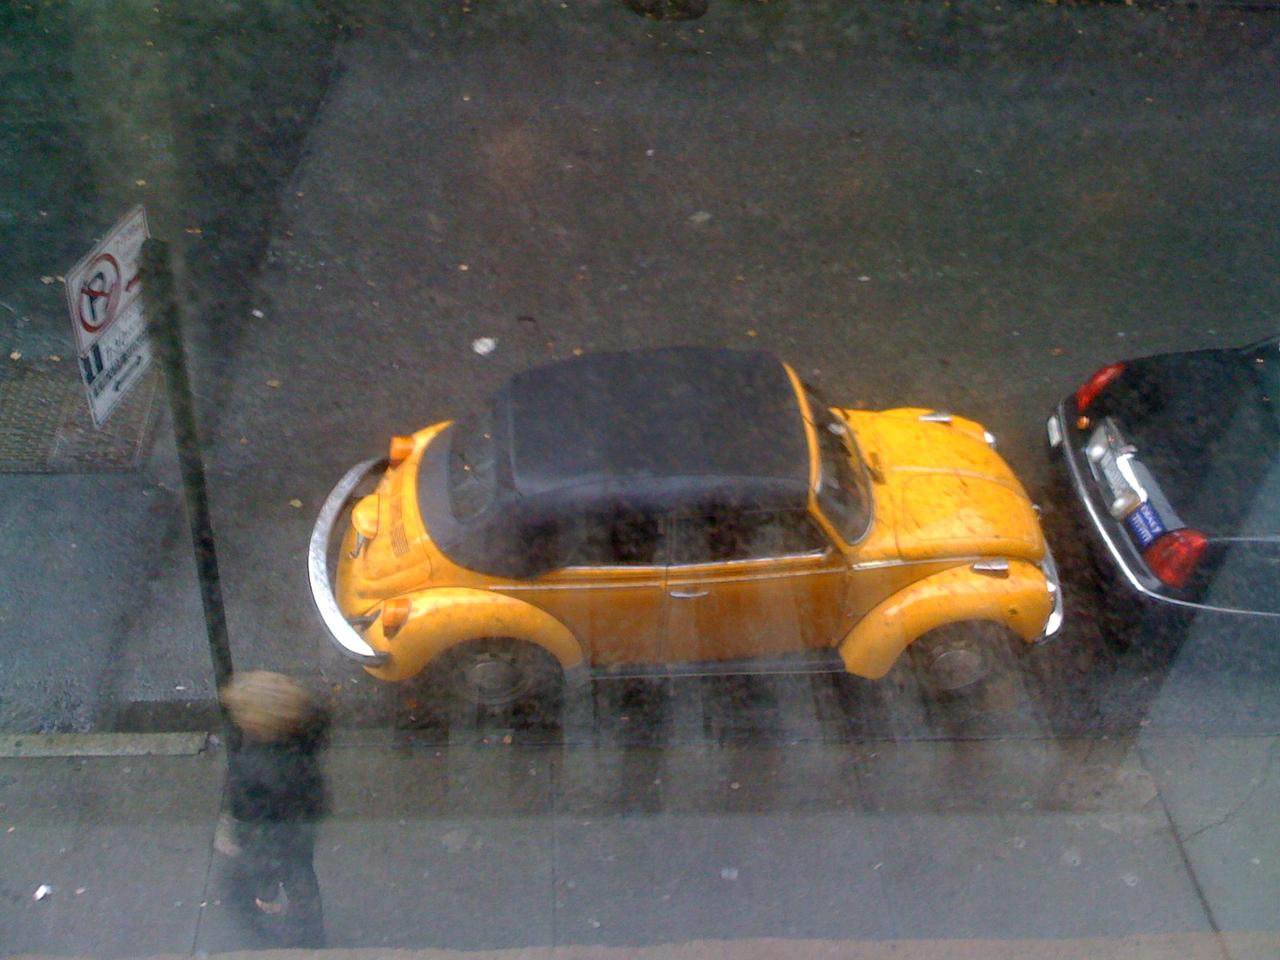 Outside my window.